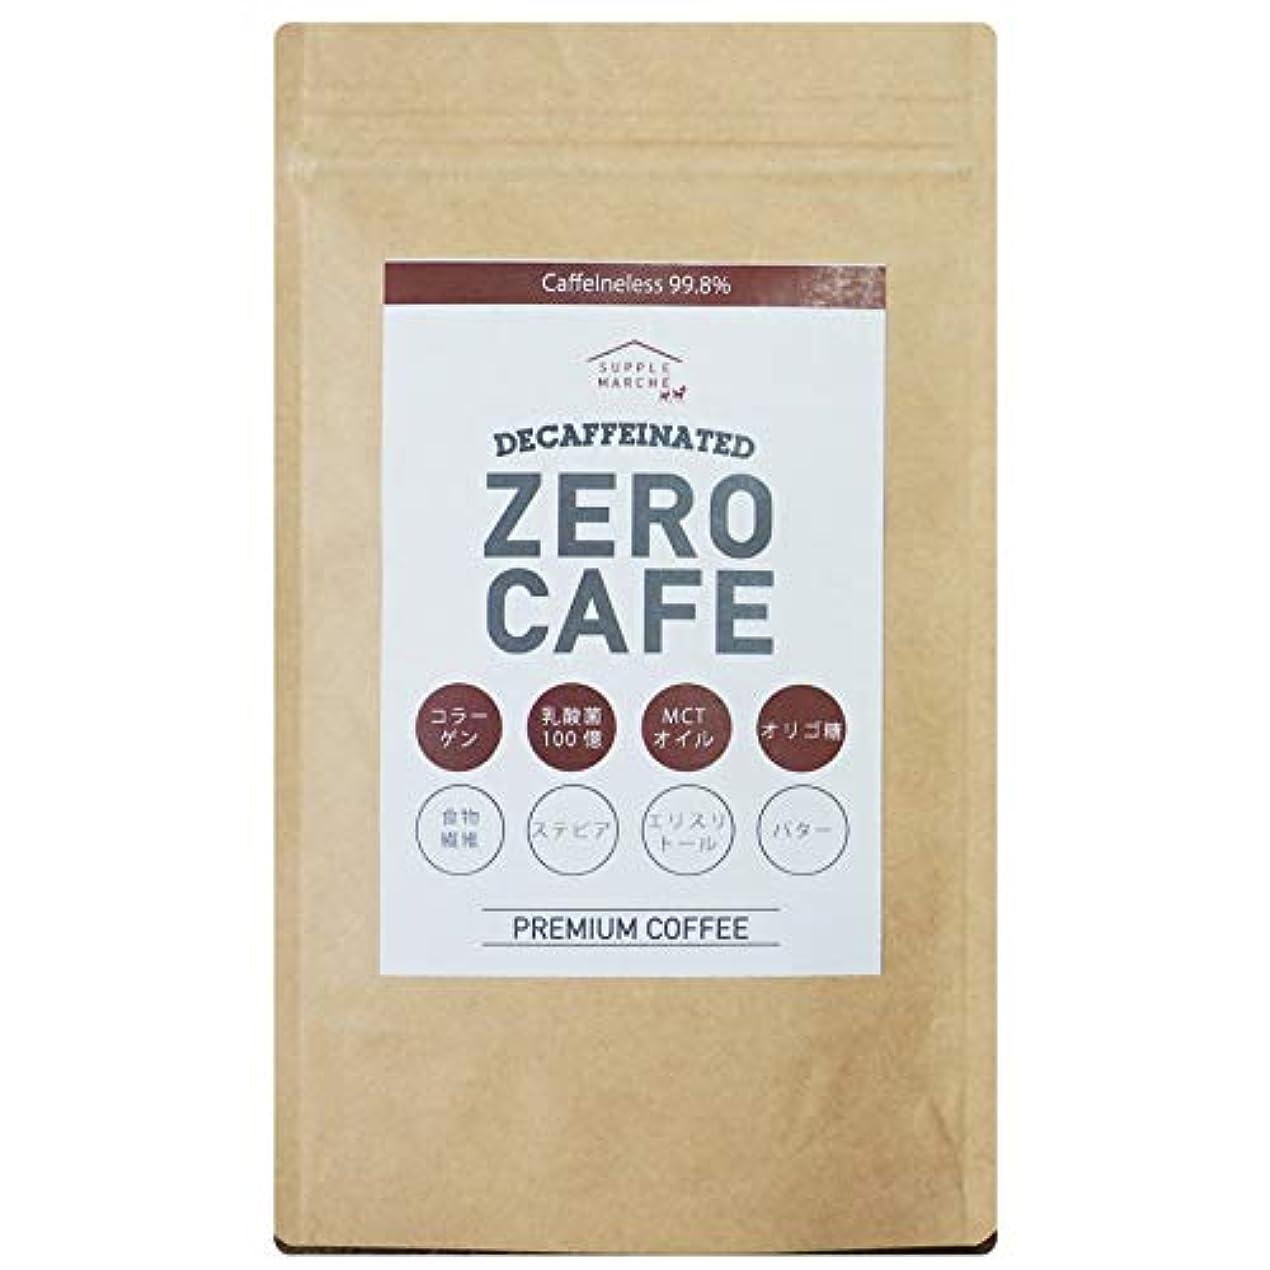 に変わる例任命ダイエットコーヒー デカフェ バターコーヒー 90g (約30杯) アイスコーヒー カフェインレス MCTオイル 乳酸菌 コラーゲン オリゴ糖 ダイエット シリコンバレー式